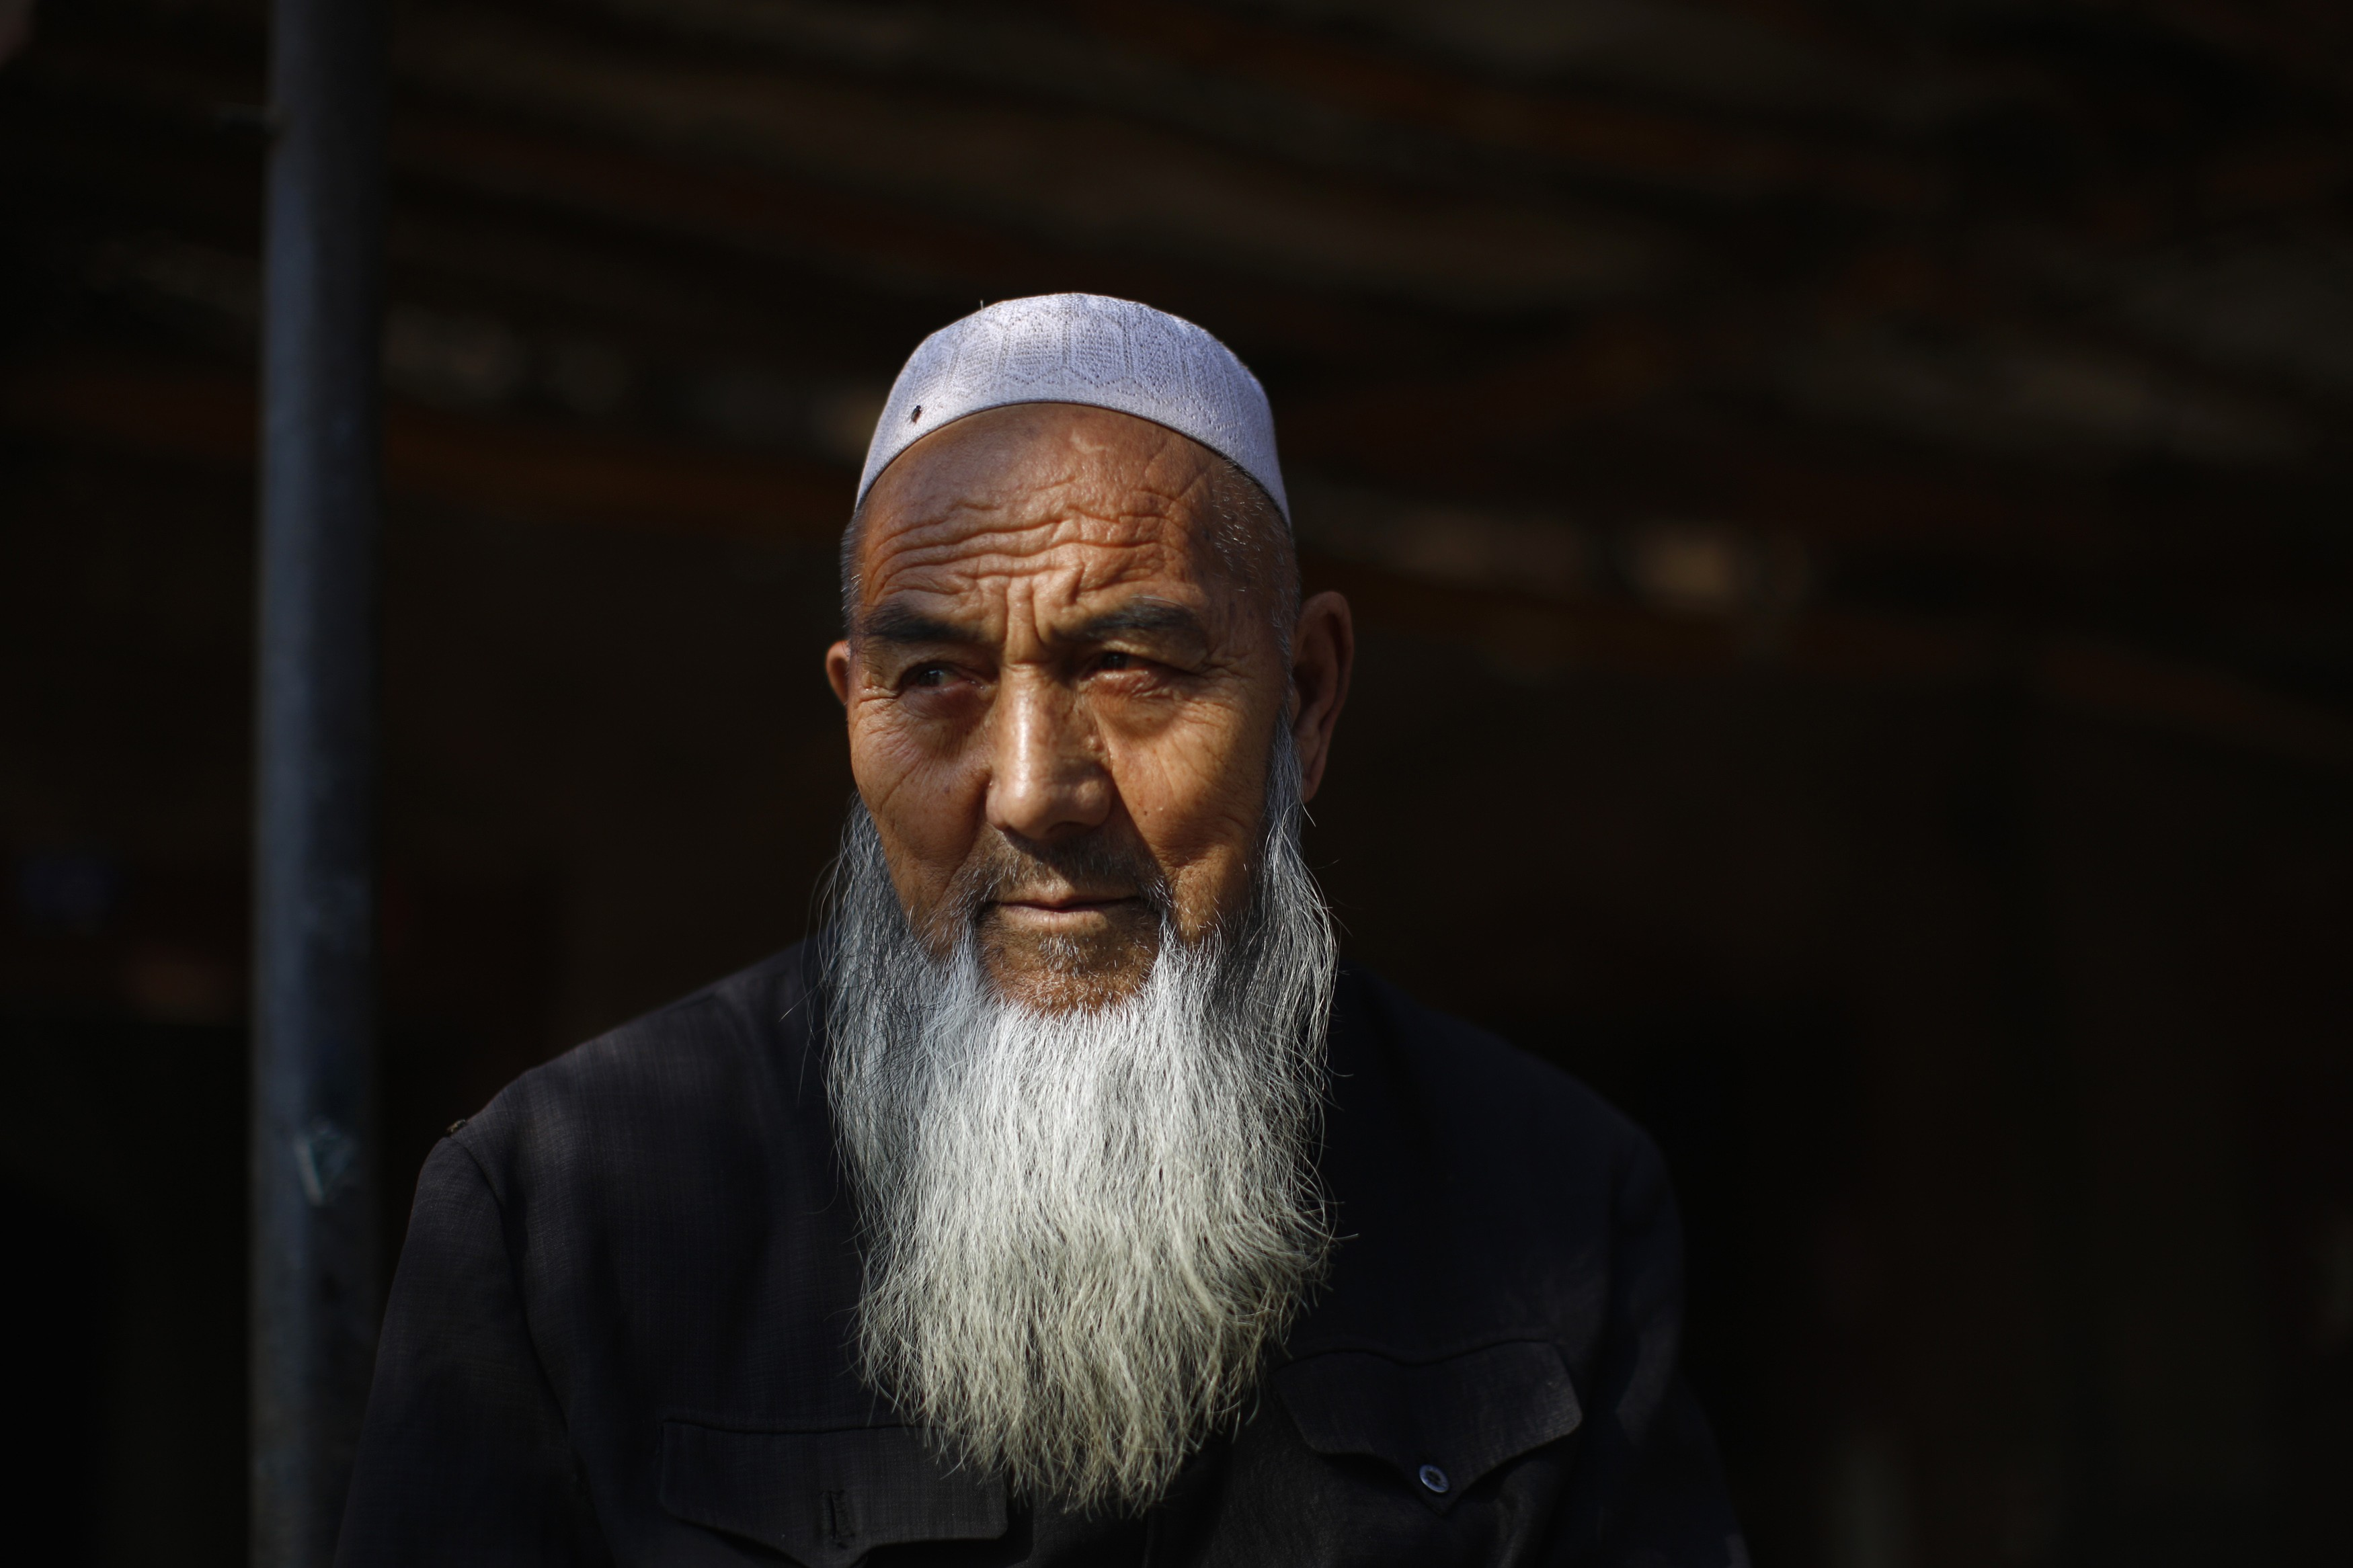 Kínába távozott az ujgur származásúakat felismerni képes programot Ausztráliában kifejlesztő kínai kutató